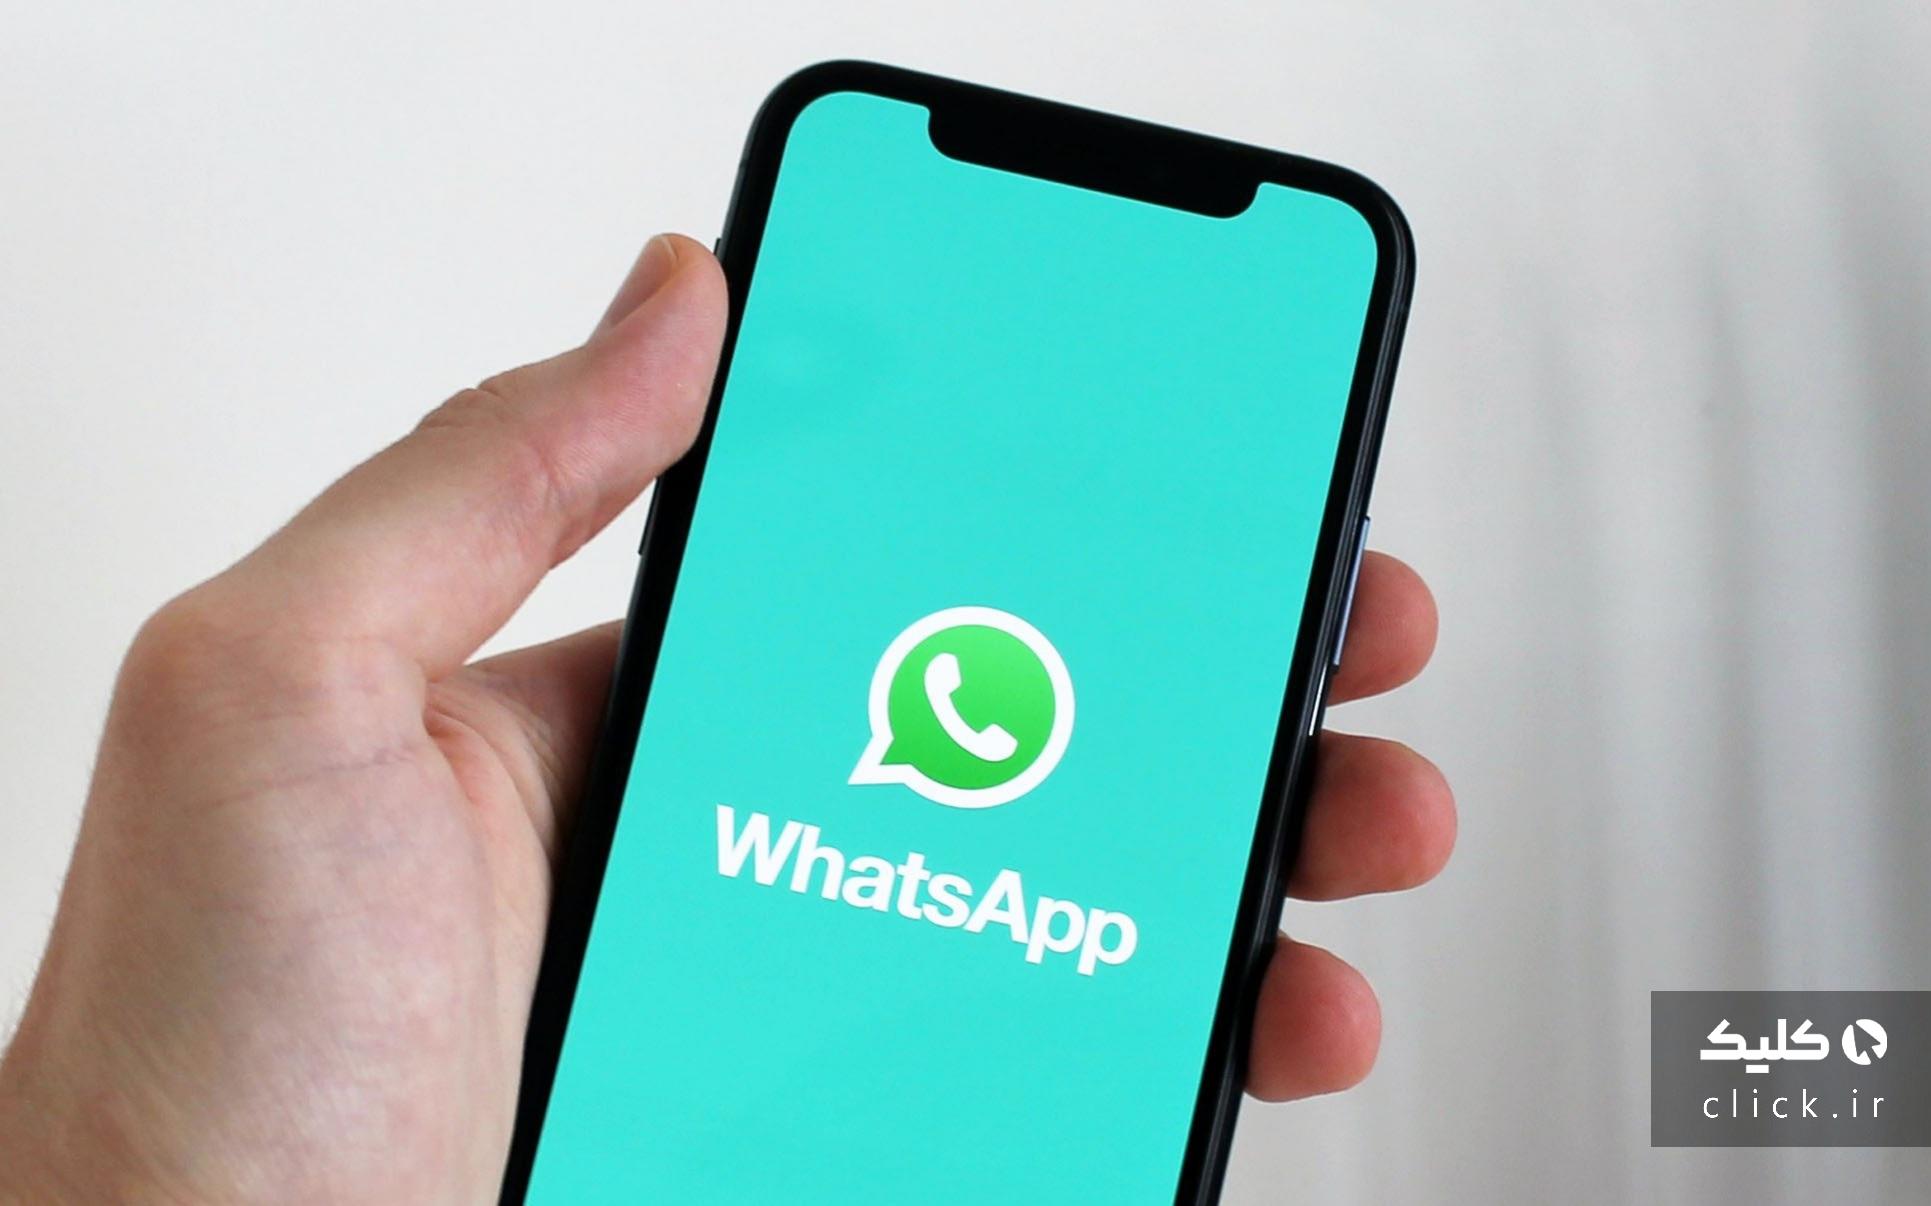 انتقال پیام های واتساپ از اندروید به آیفون